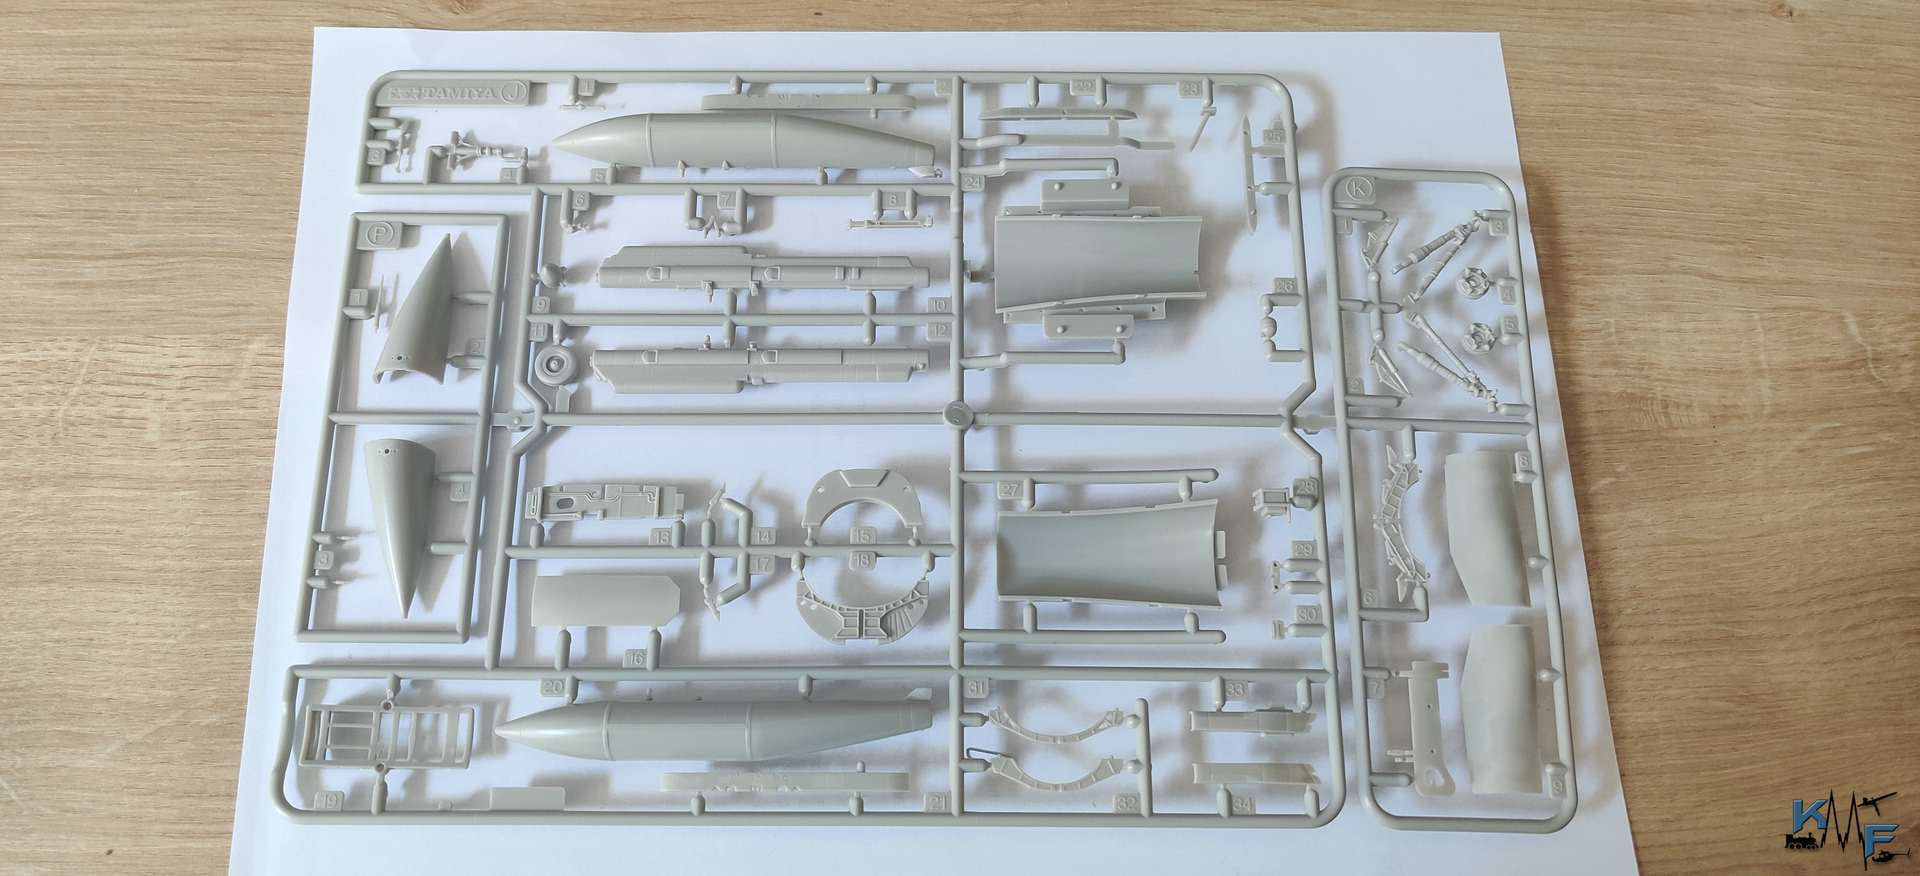 BV-TAM-F16C_18.jpg